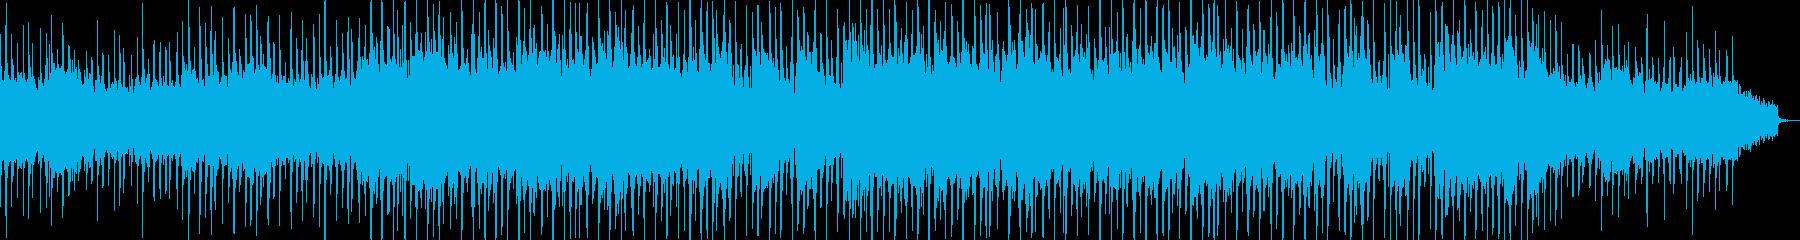 爽やか・楽しい・軽快・かわいいウクレレbの再生済みの波形